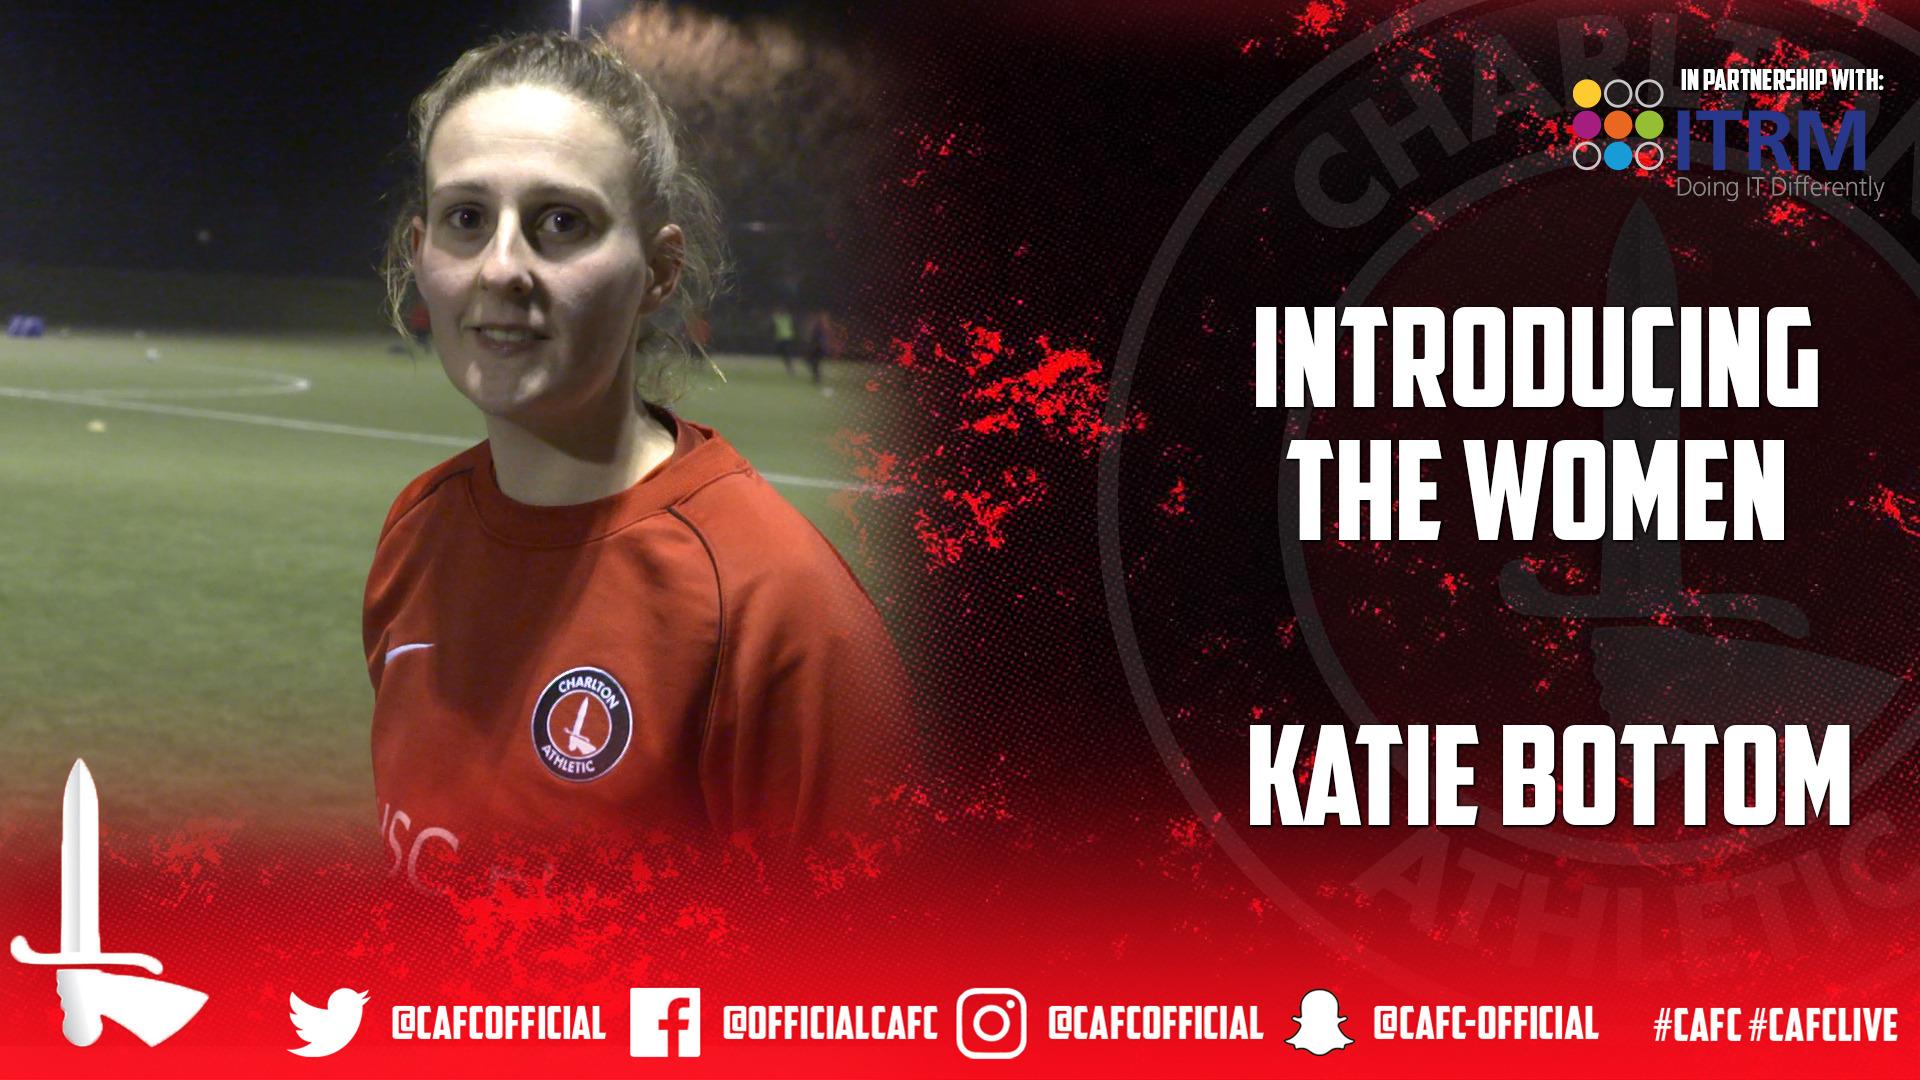 INTRODUCING THE WOMEN | Katie Bottom